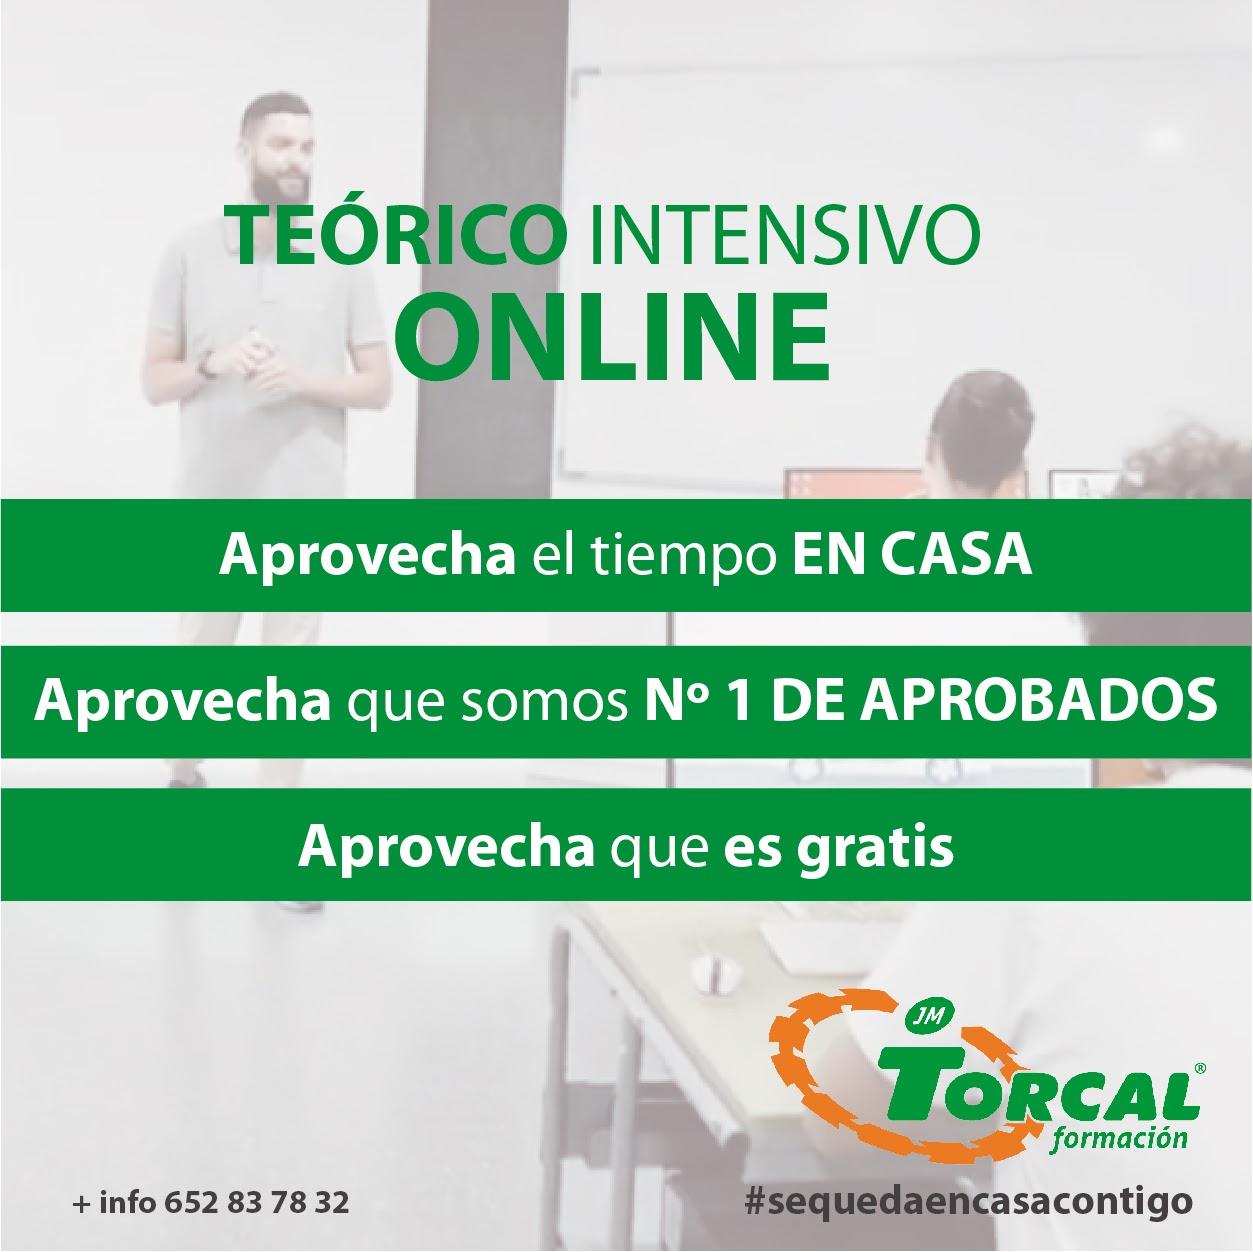 INTENSIVO TEÓRICO CARNET DE CONDUCIR GRATIS (AUTOESCUELA TORCAL)